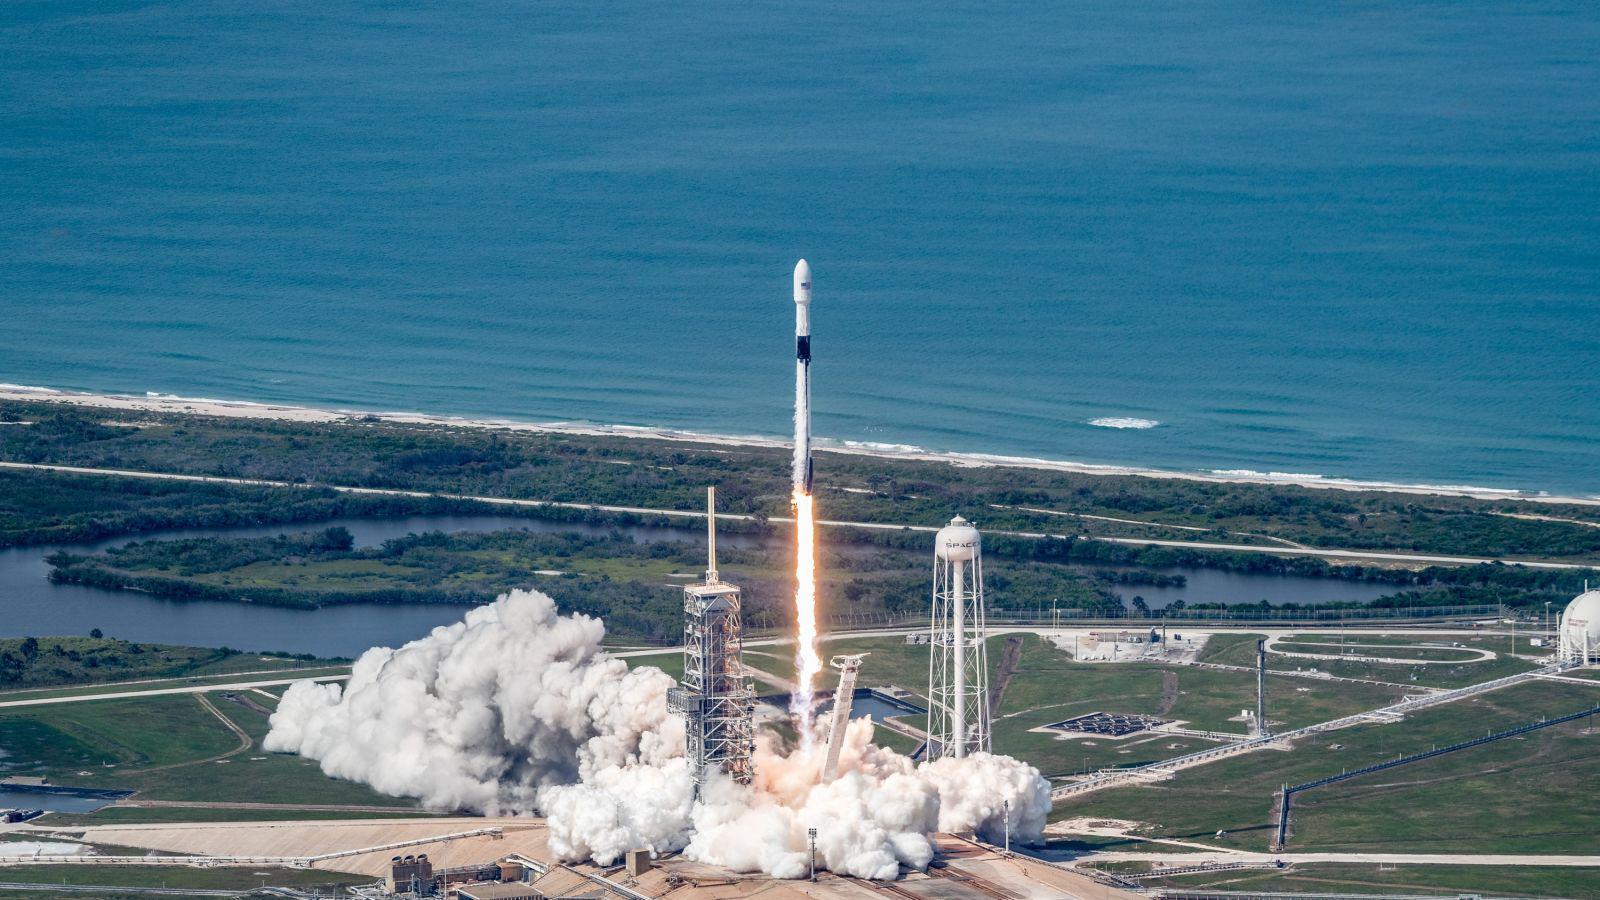 NASA сертифицировала Falcon 9 для запуска дорогих научных миссий